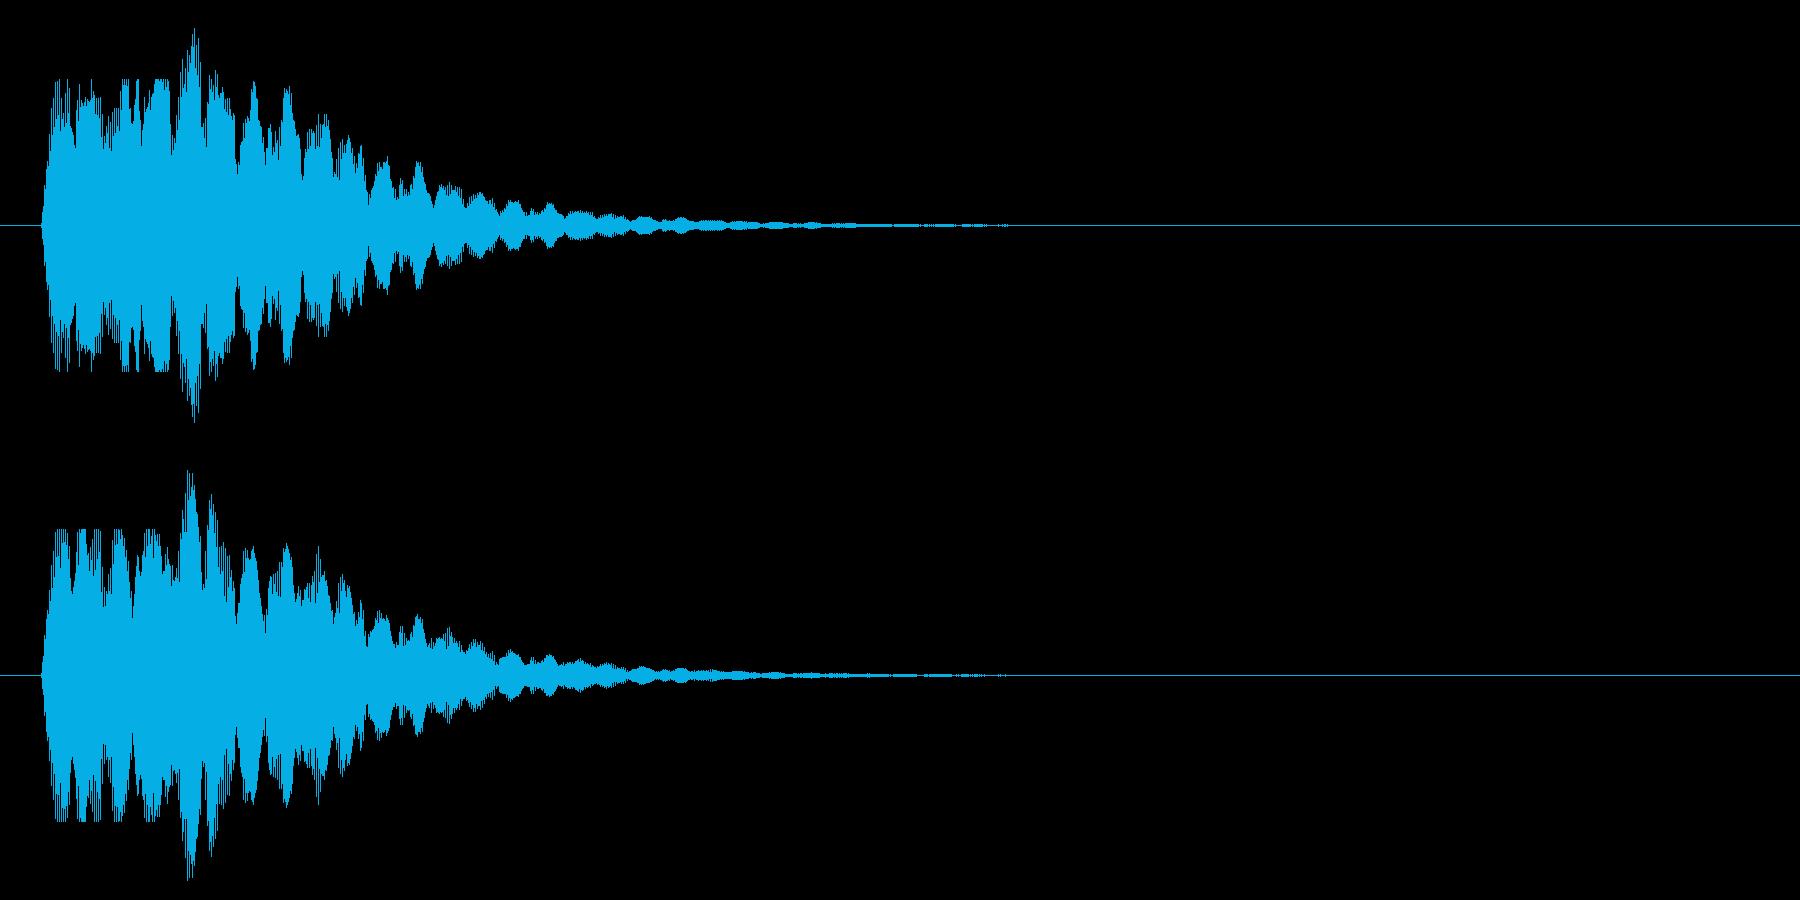 キラキラお知らせベルの再生済みの波形